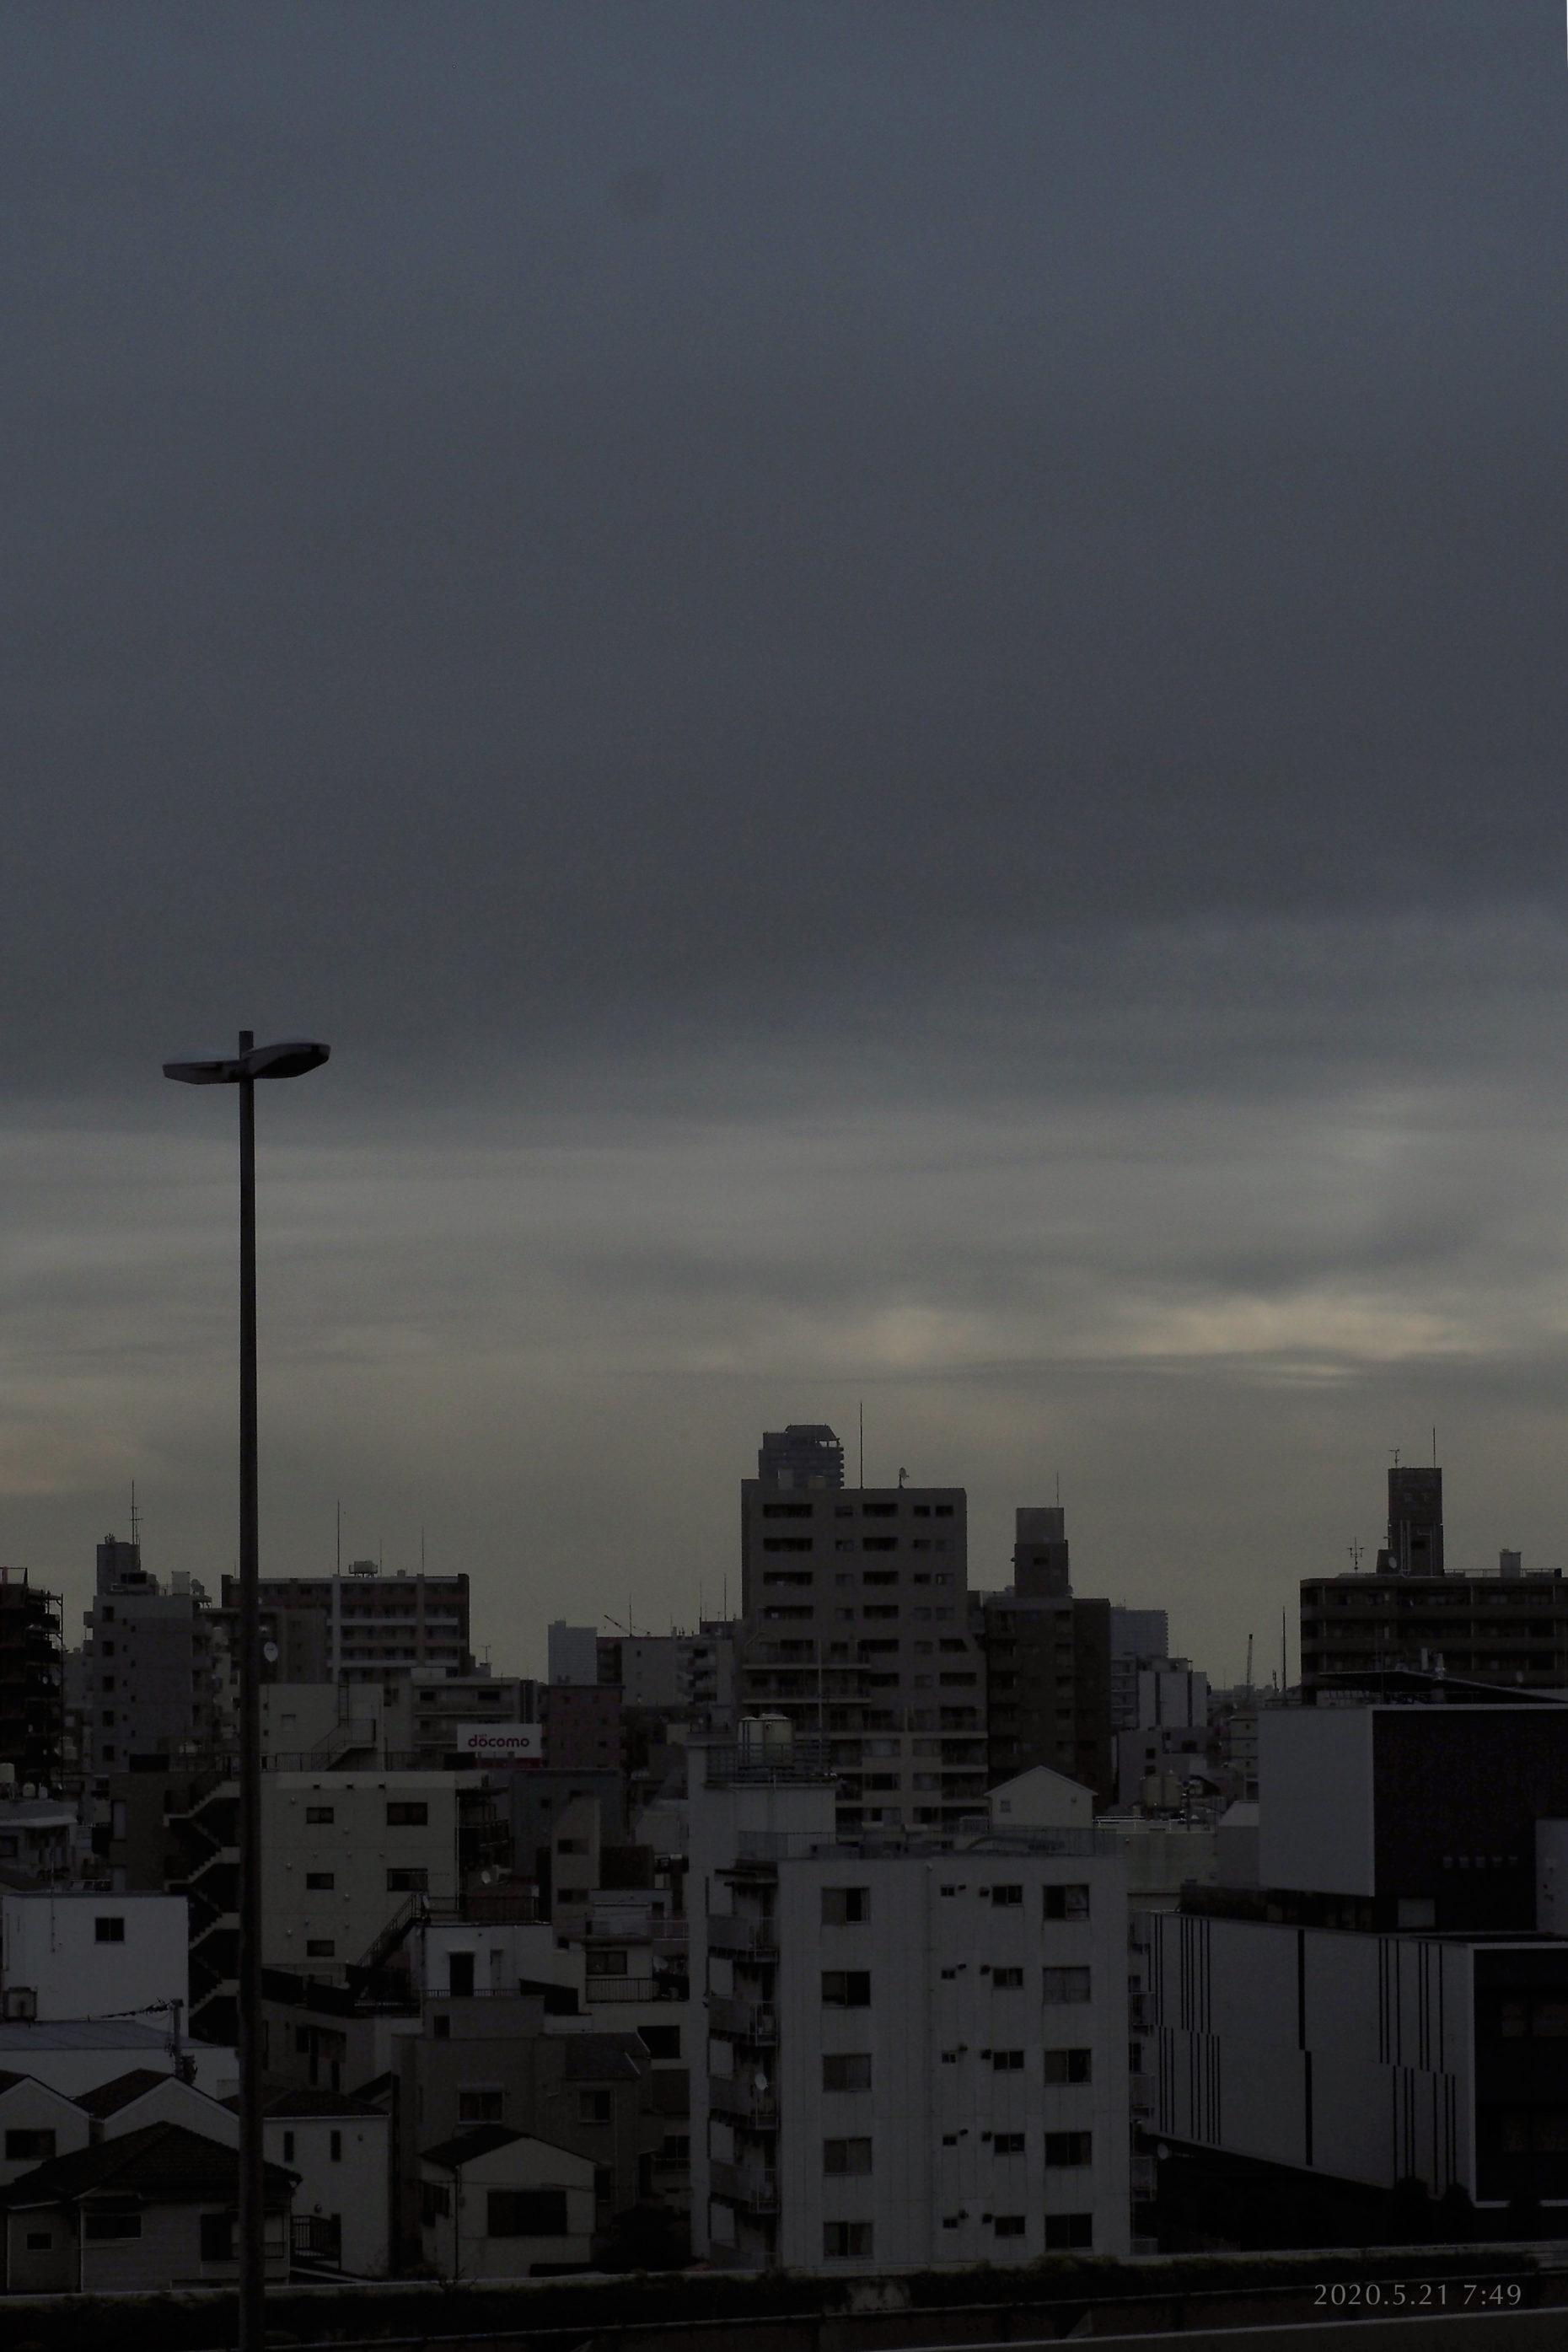 My skies 2020.4.21